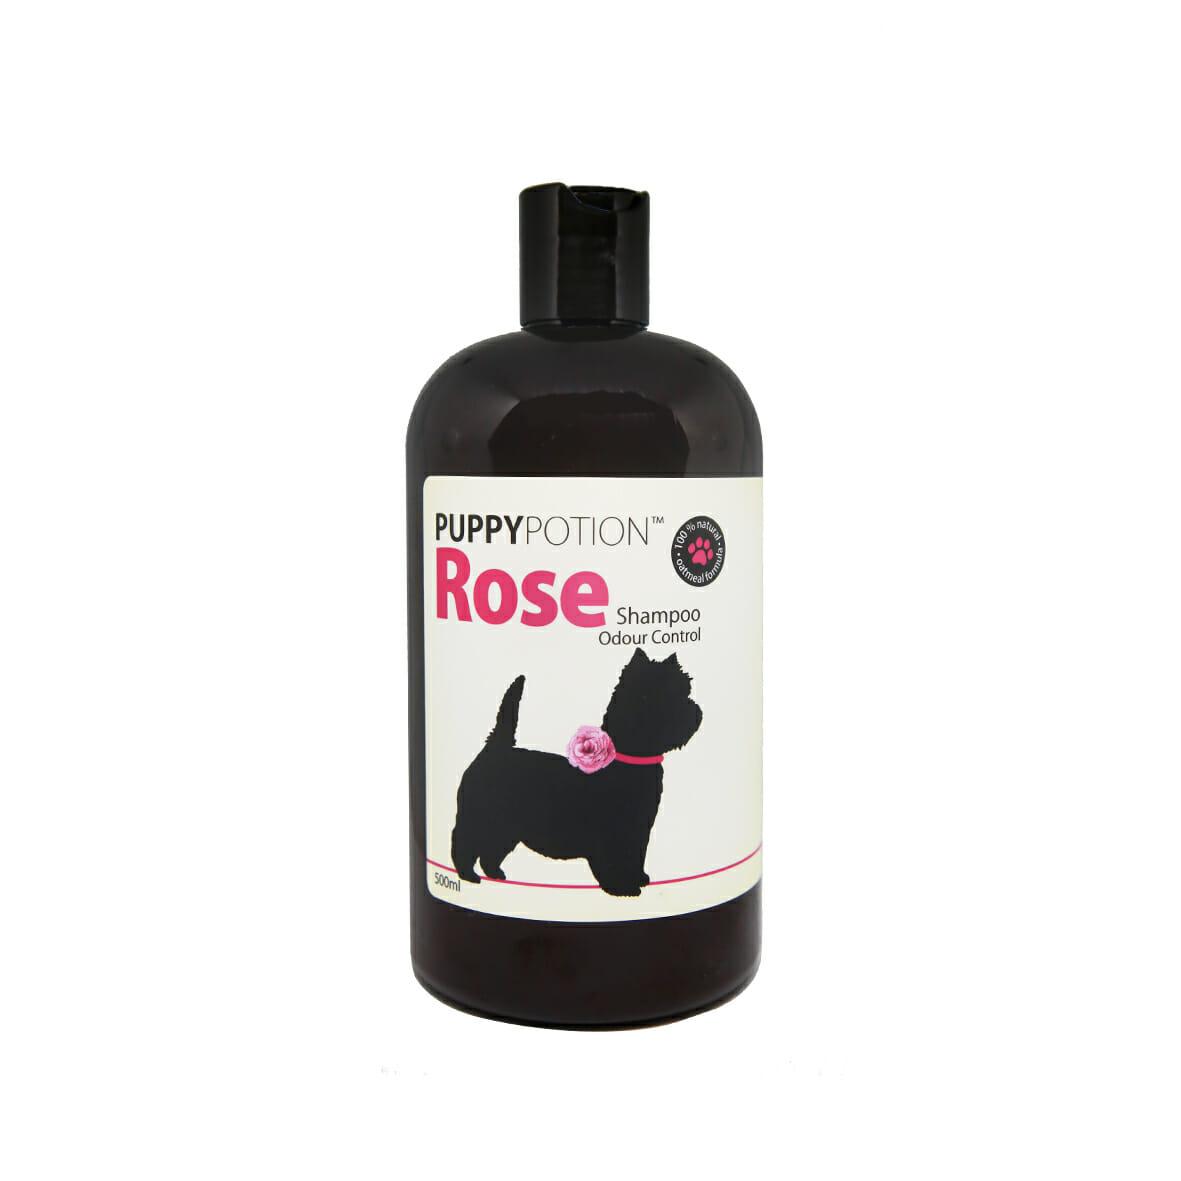 rose shampoo front bottle |